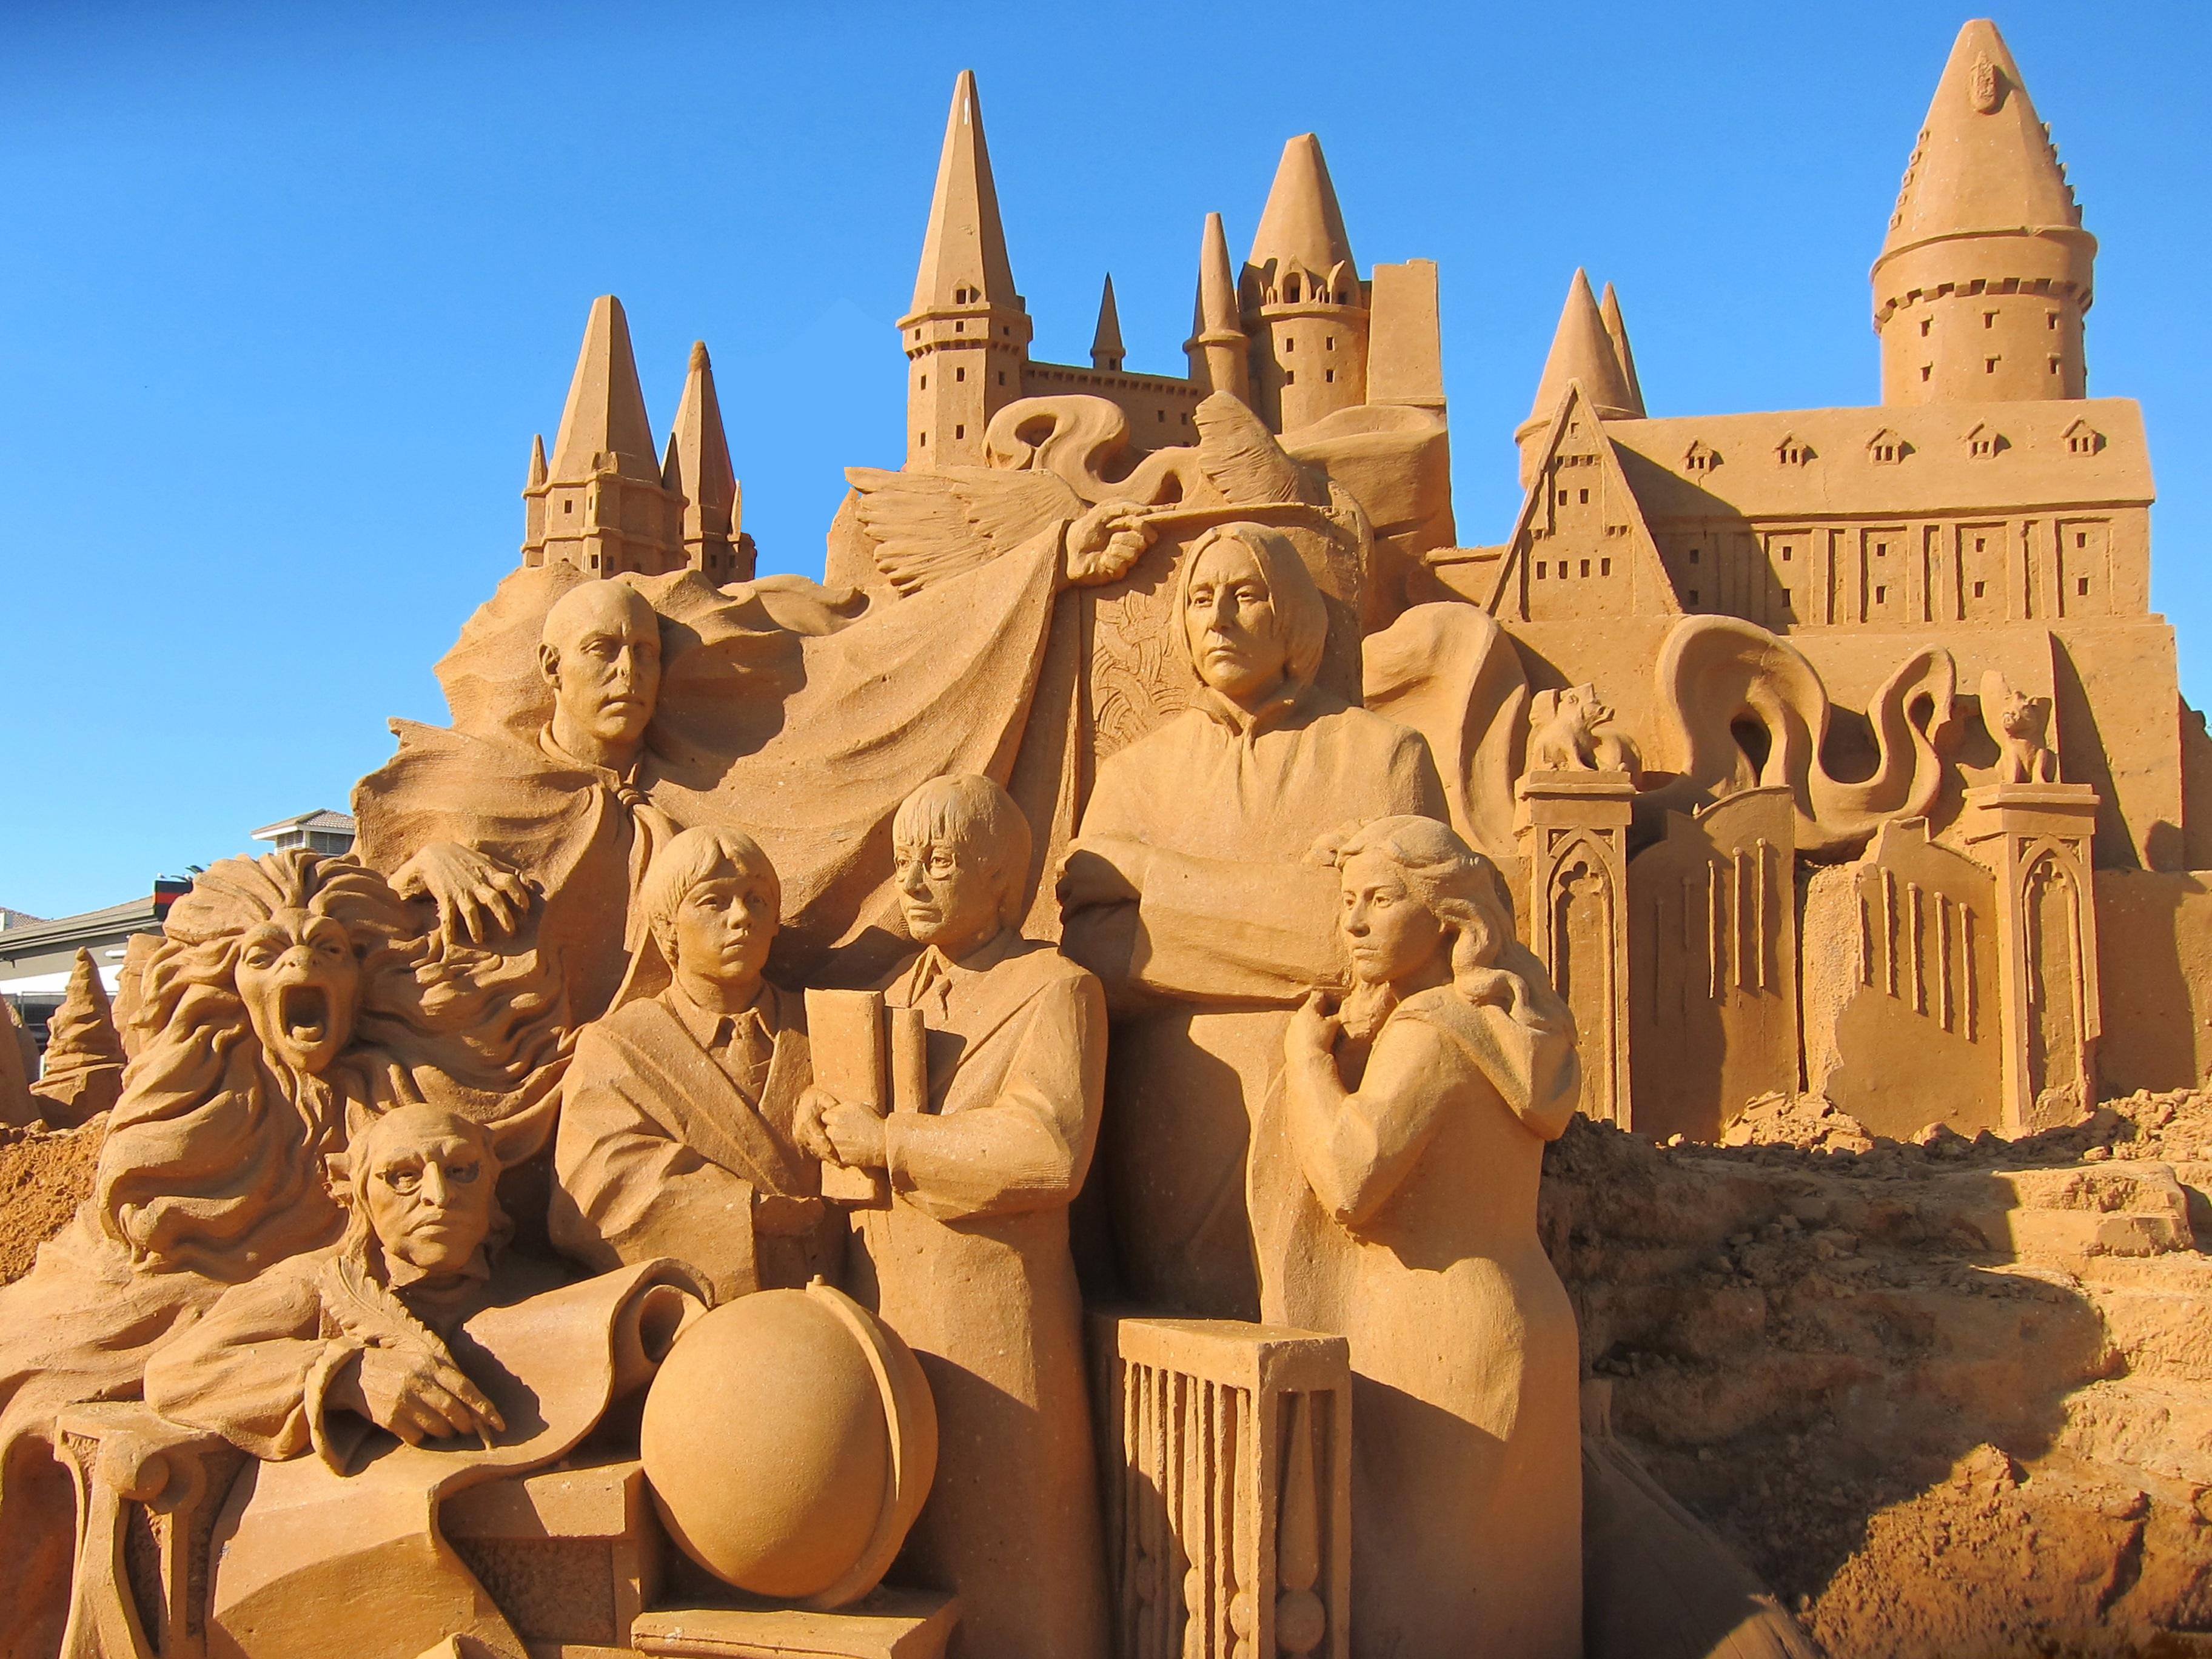 Wonderlijk Gratis Afbeeldingen : zand, monument, standbeeld, mijlpaal DS-58